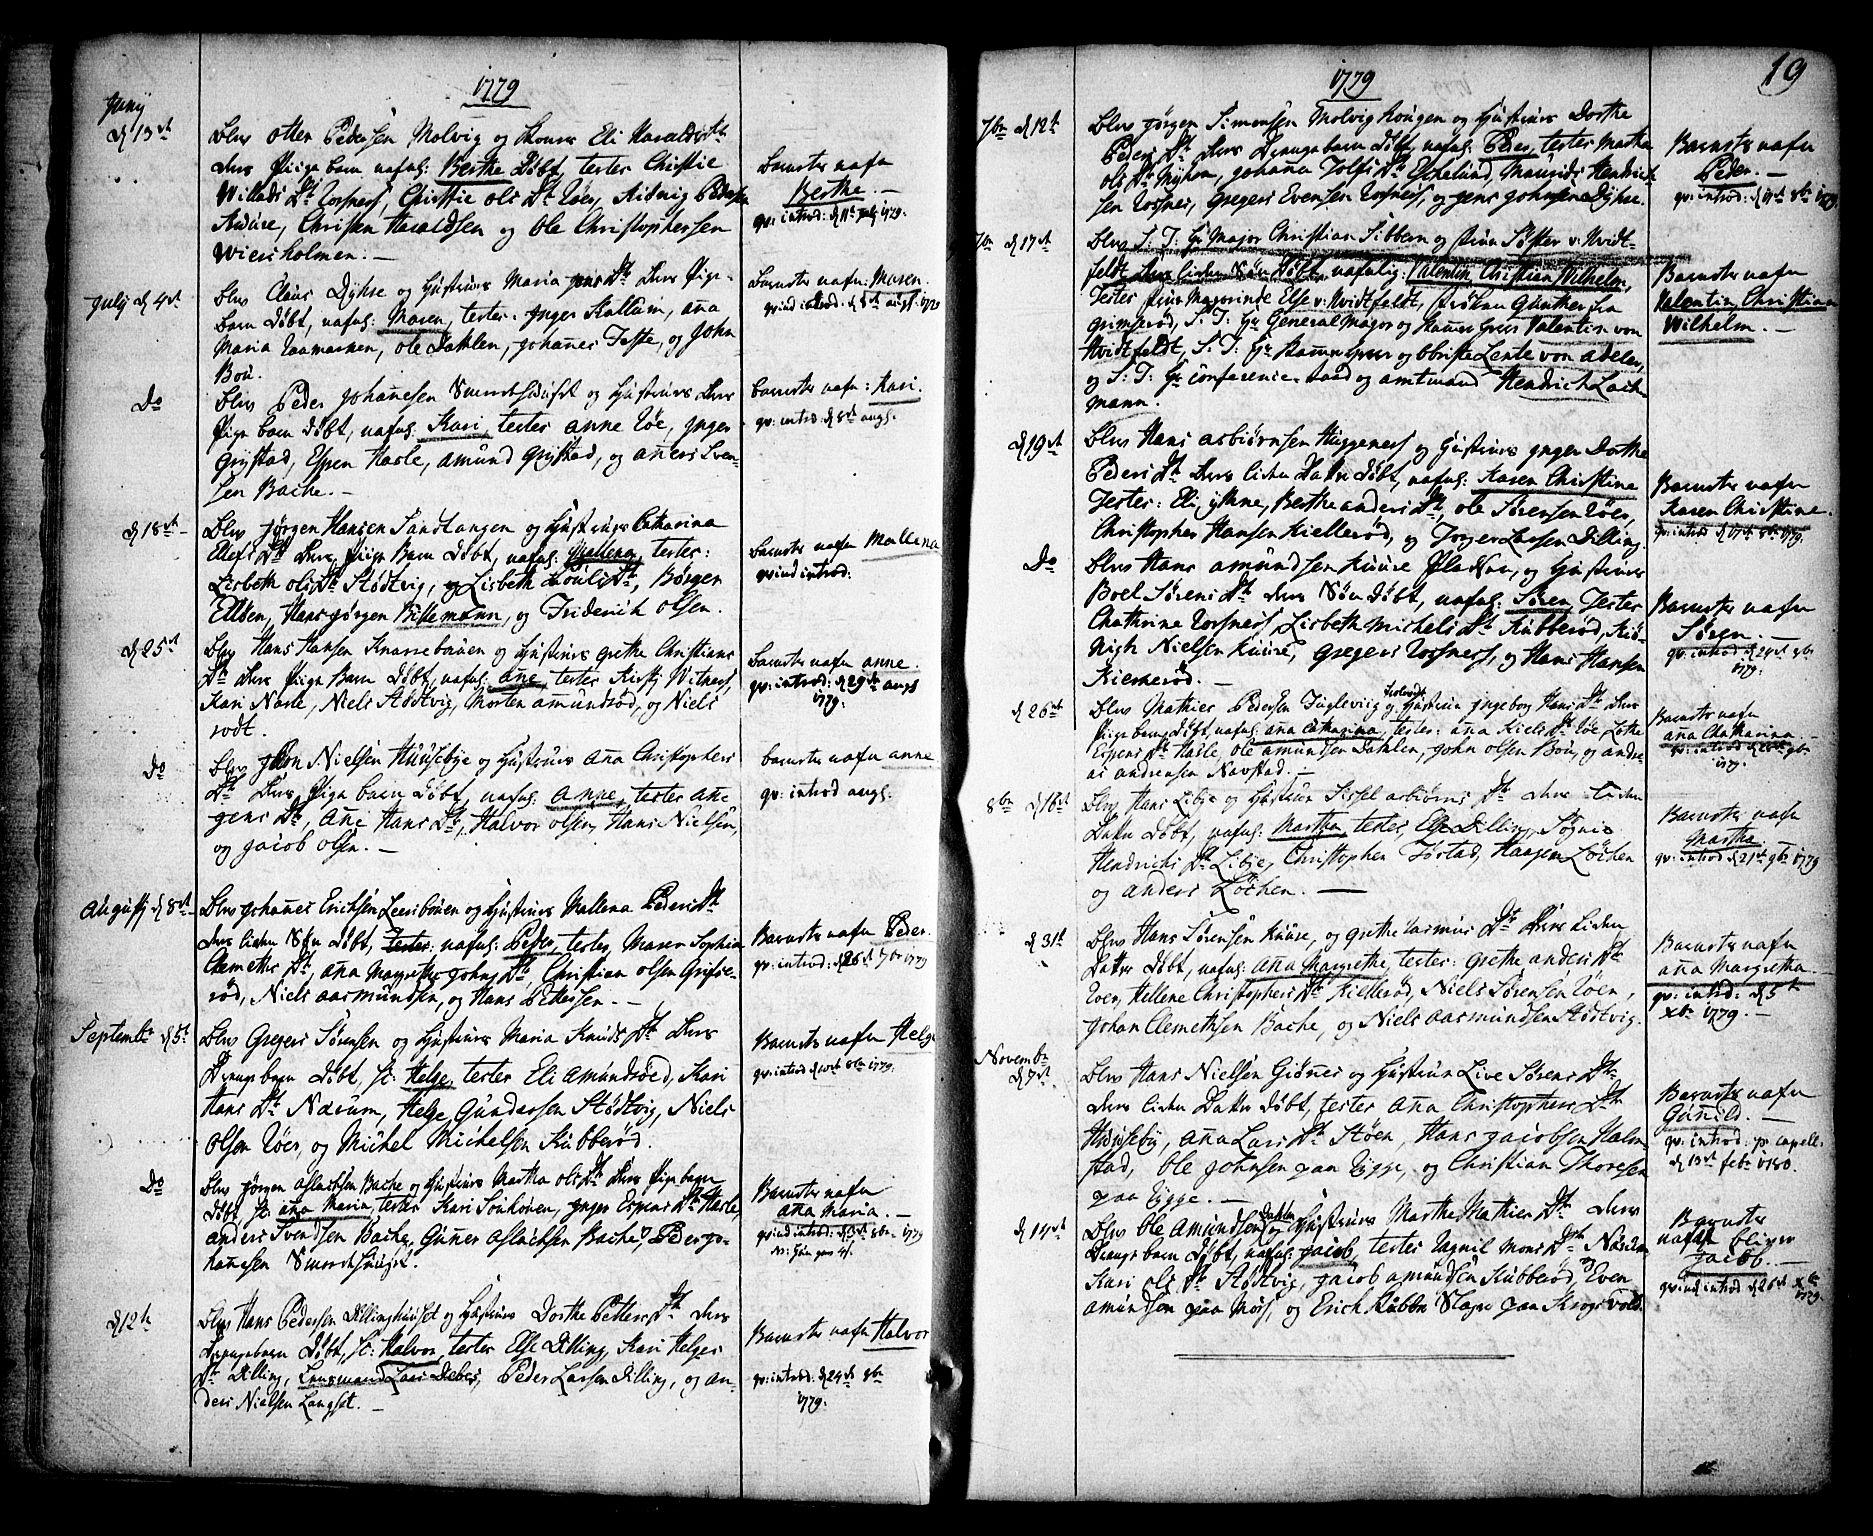 SAO, Rygge prestekontor Kirkebøker, F/Fa/L0002: Ministerialbok nr. 2, 1771-1814, s. 19